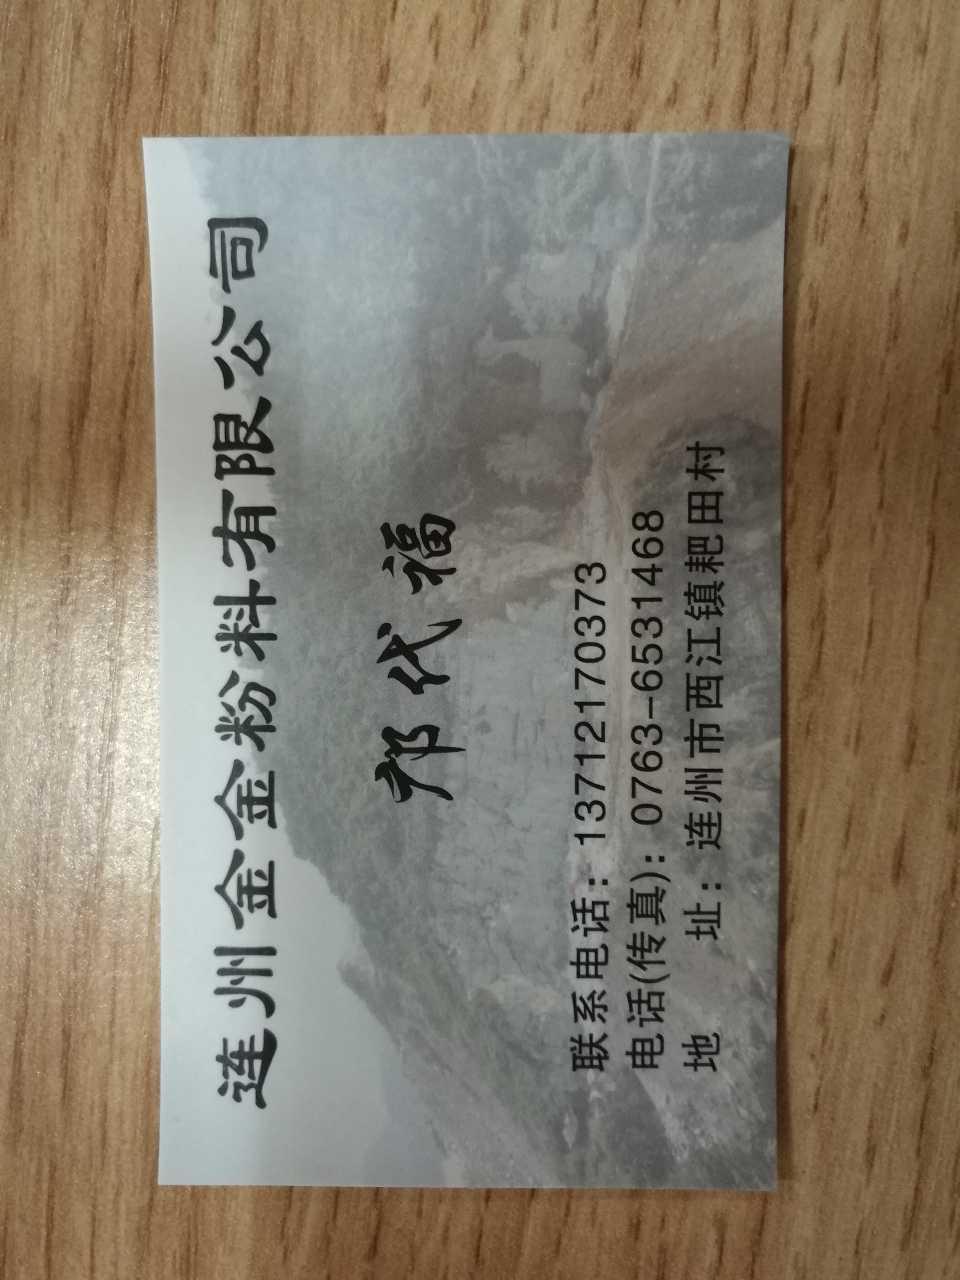 来自邝代福发布的供应信息:碳酸钙重钙连州金金粉料... - 连州金金粉料有限公司